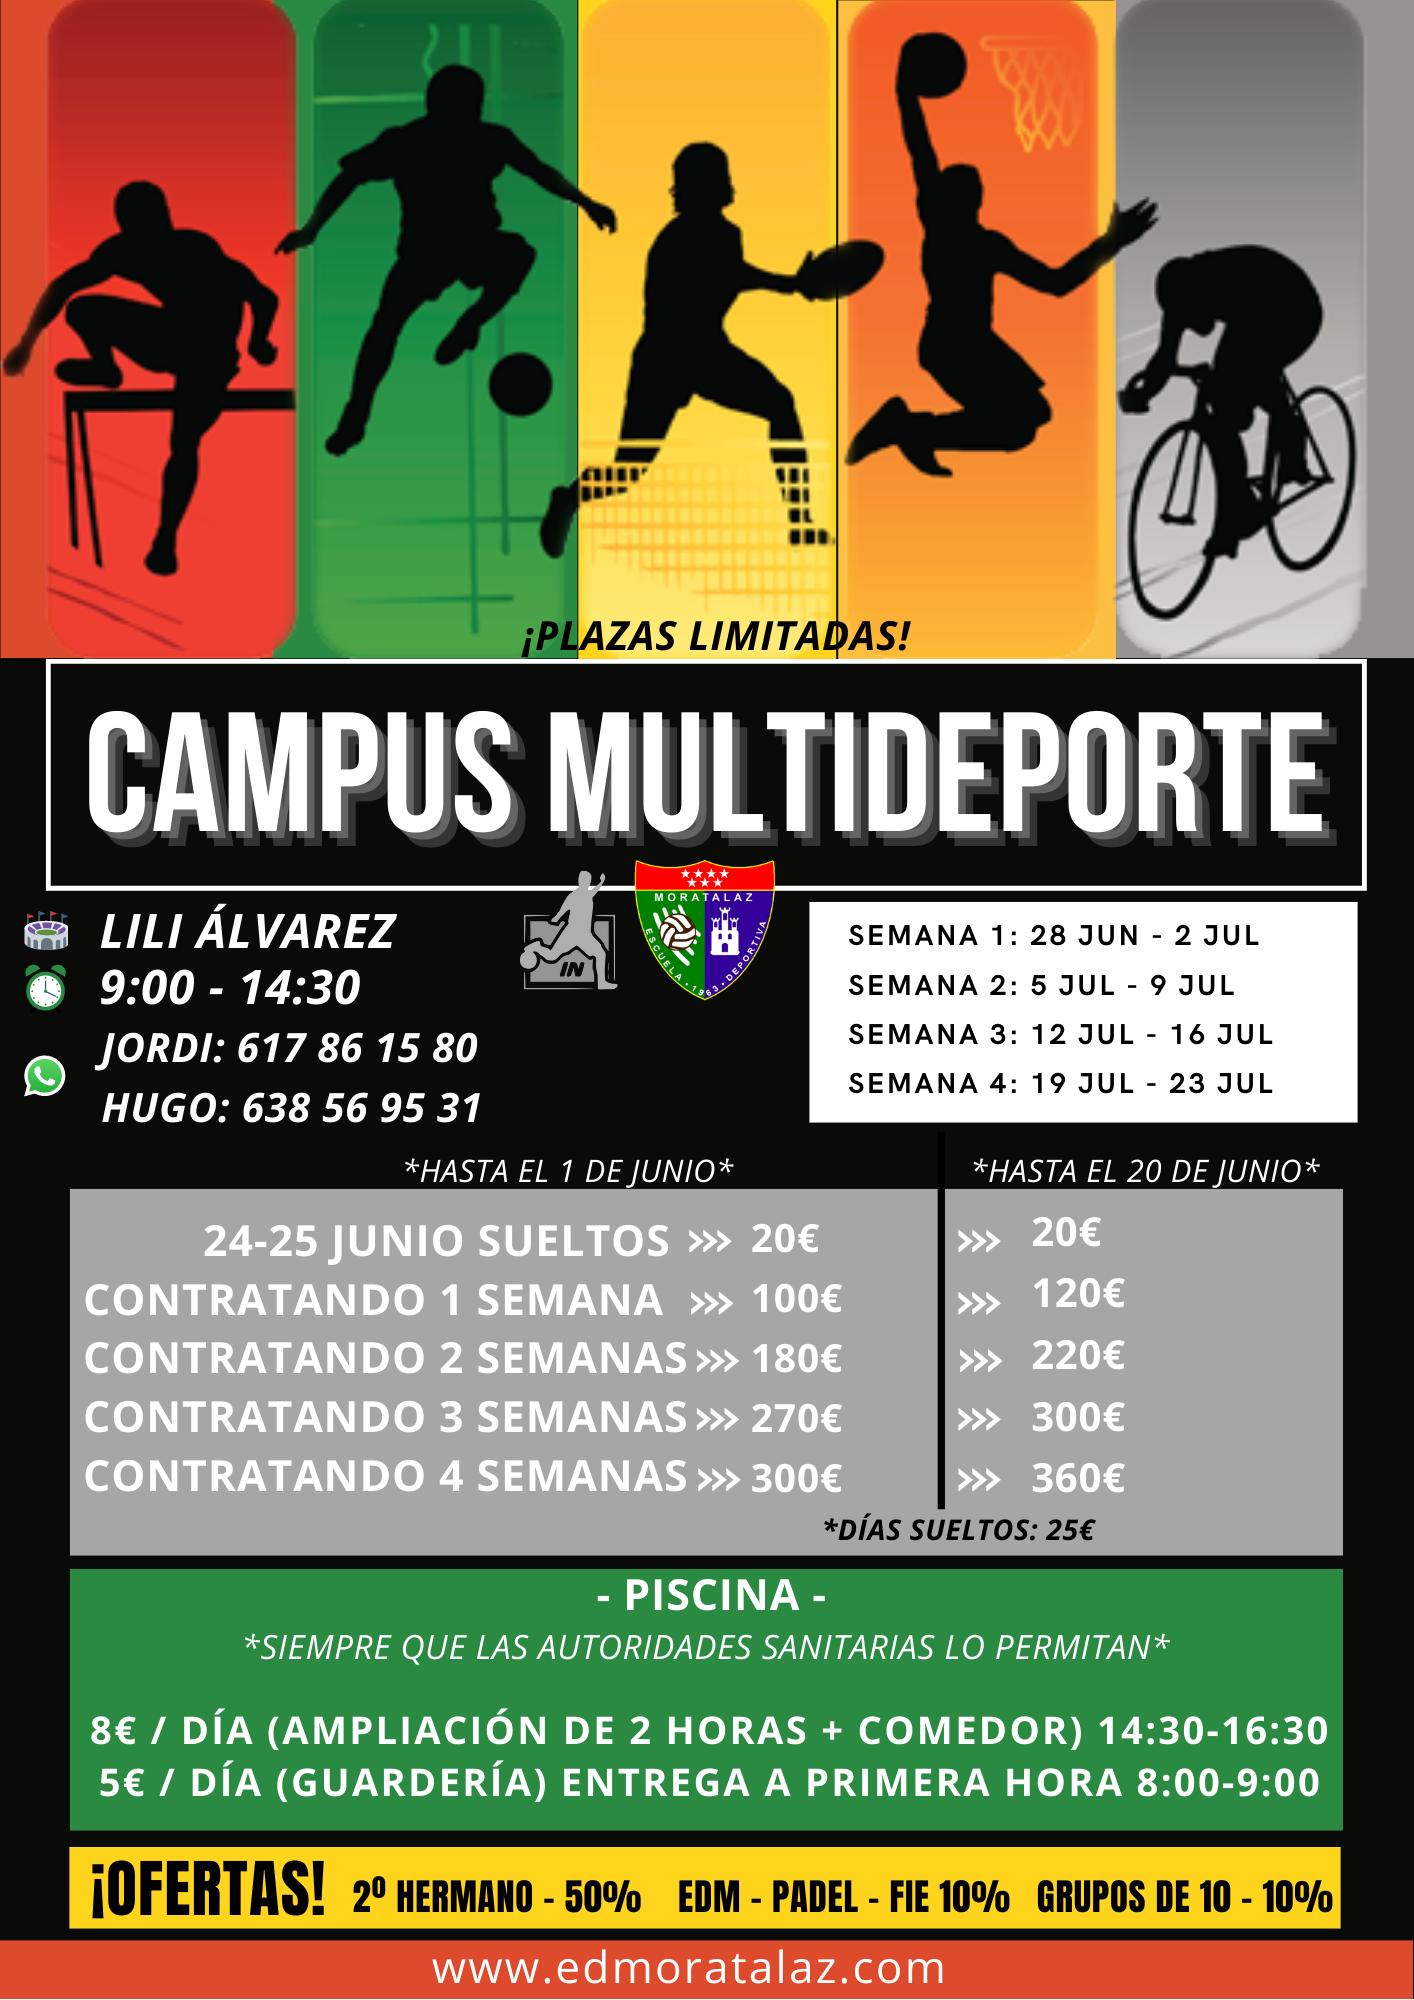 ¡Campus Multideporte EDM!